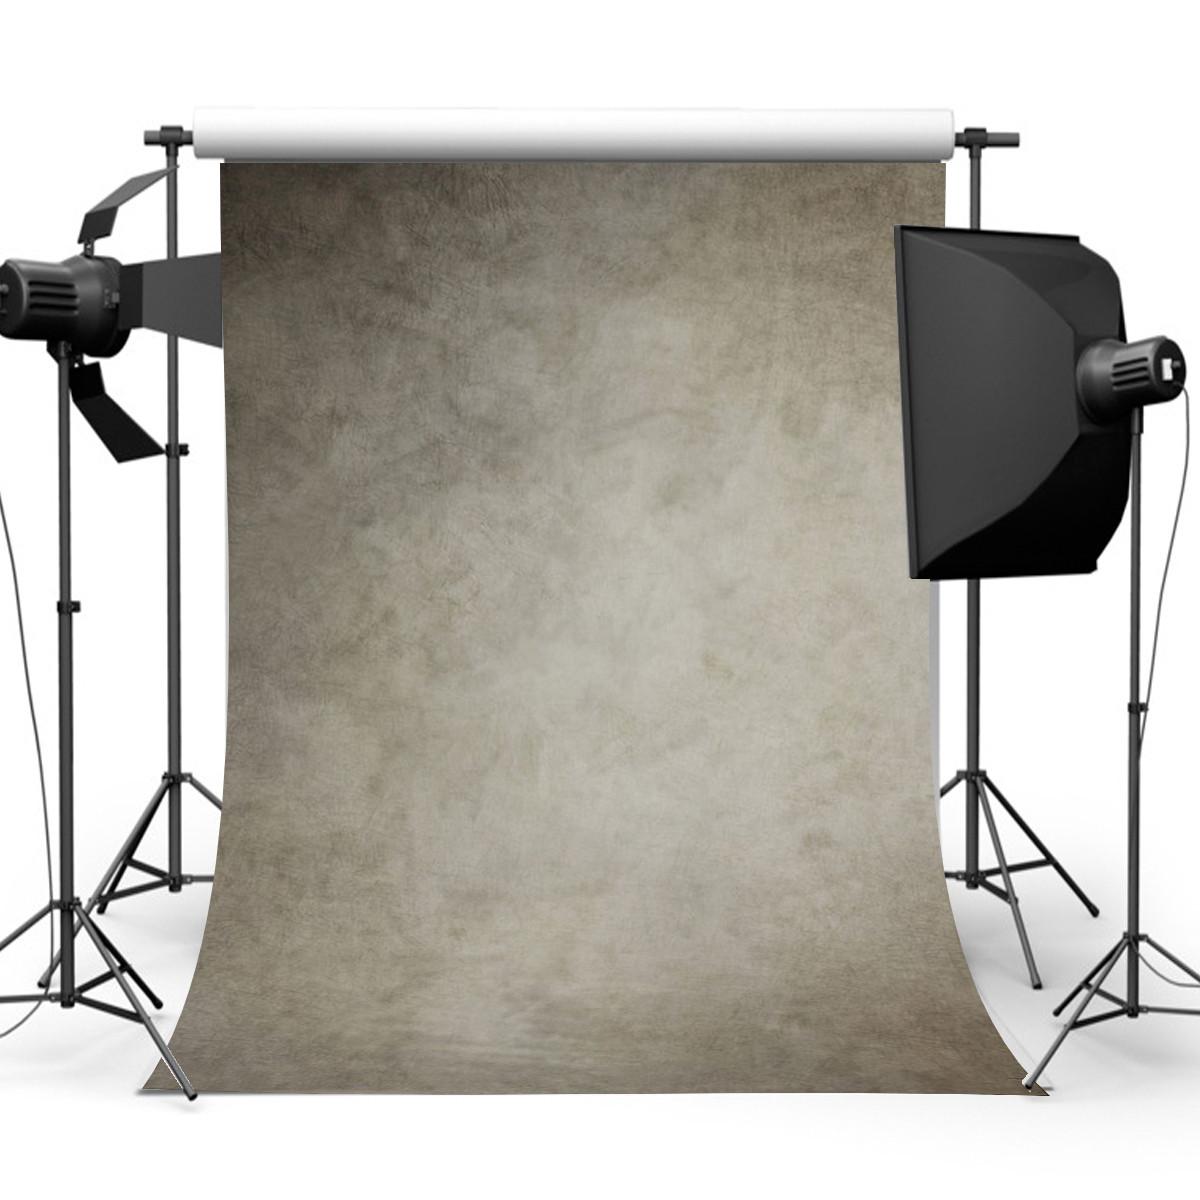 Szövet háttér fotózáshoz.Szürke fotó háttér 210cm x 150cm 1119889